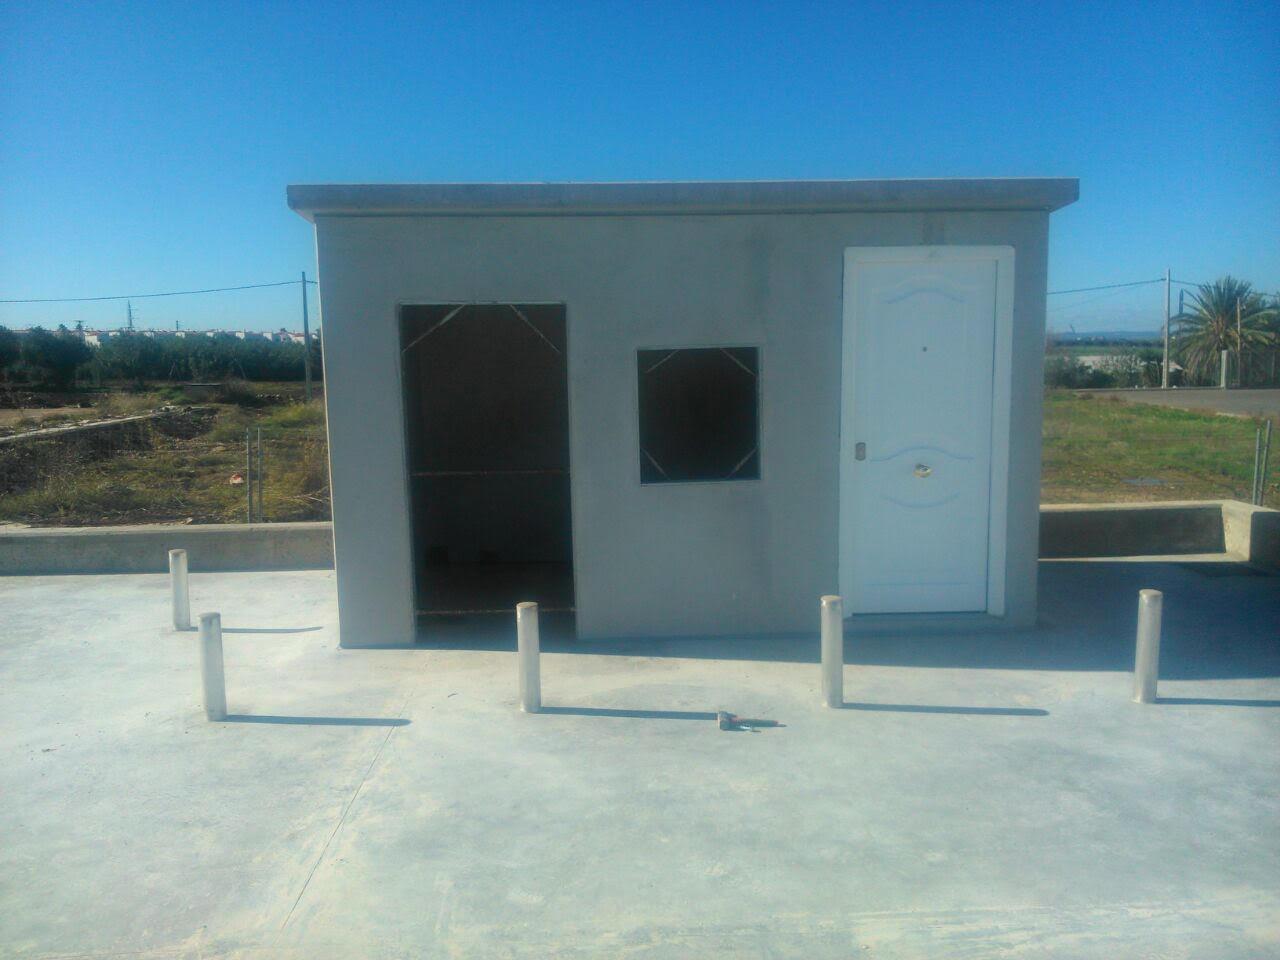 Casas y casetas prefabricadas de hormig n armado - Casas prefabricadas hormigon modernas ...